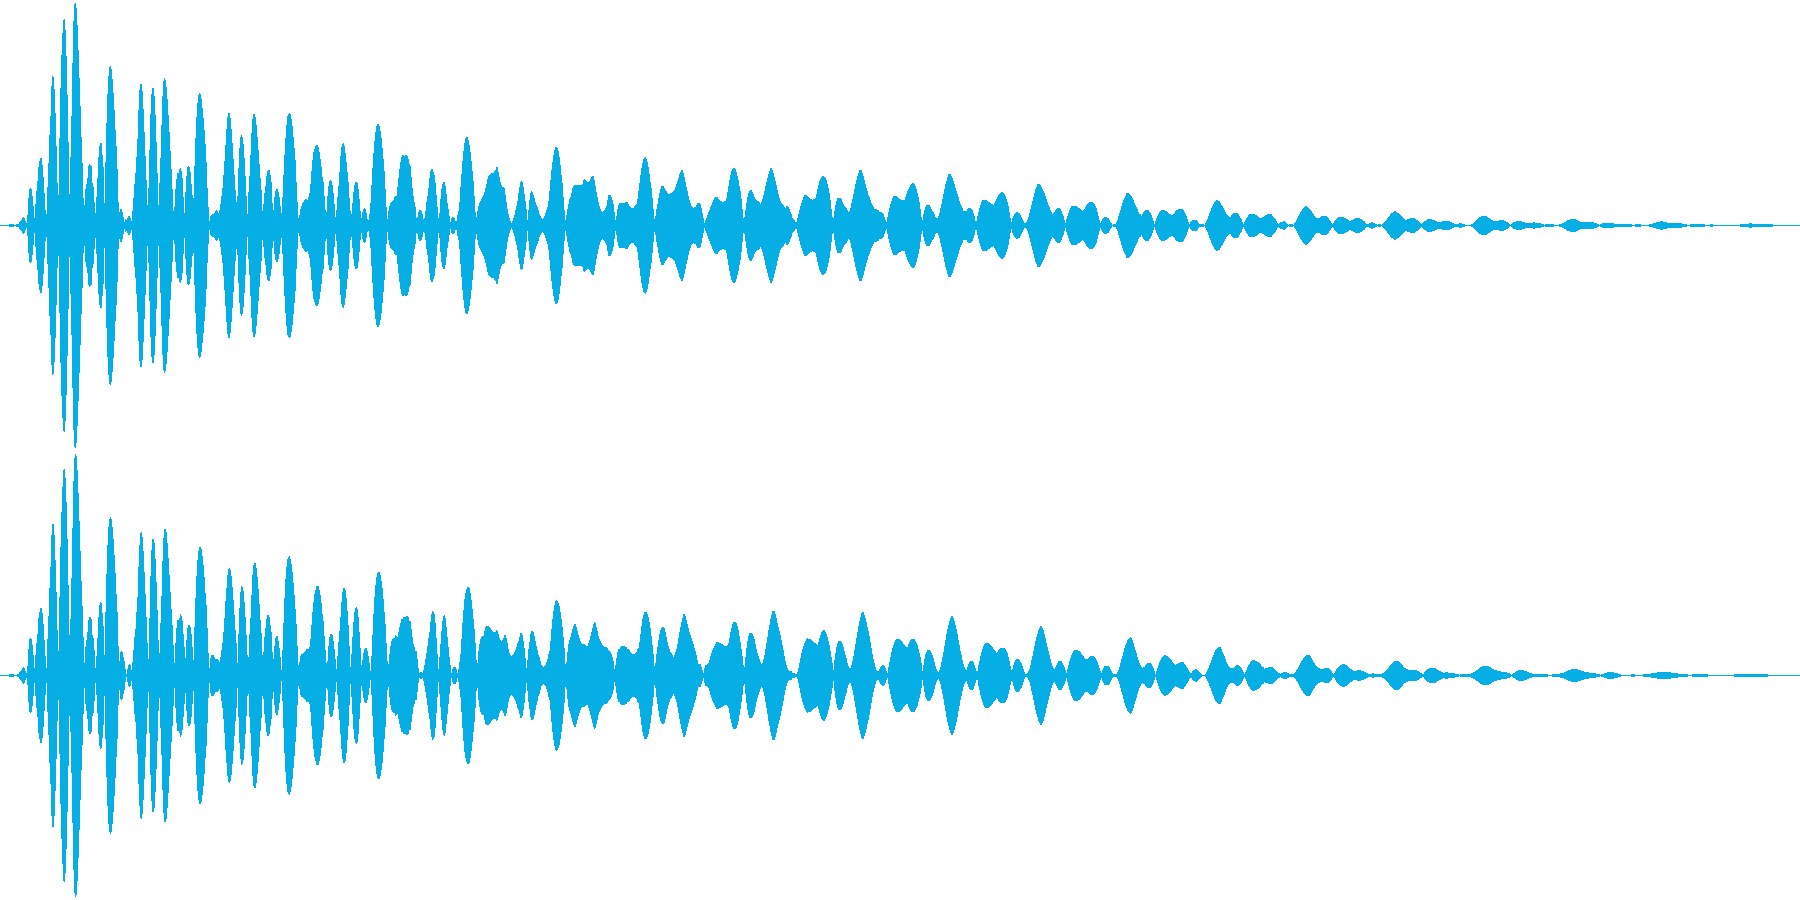 PureTouch アプリ用タッチ音65の再生済みの波形